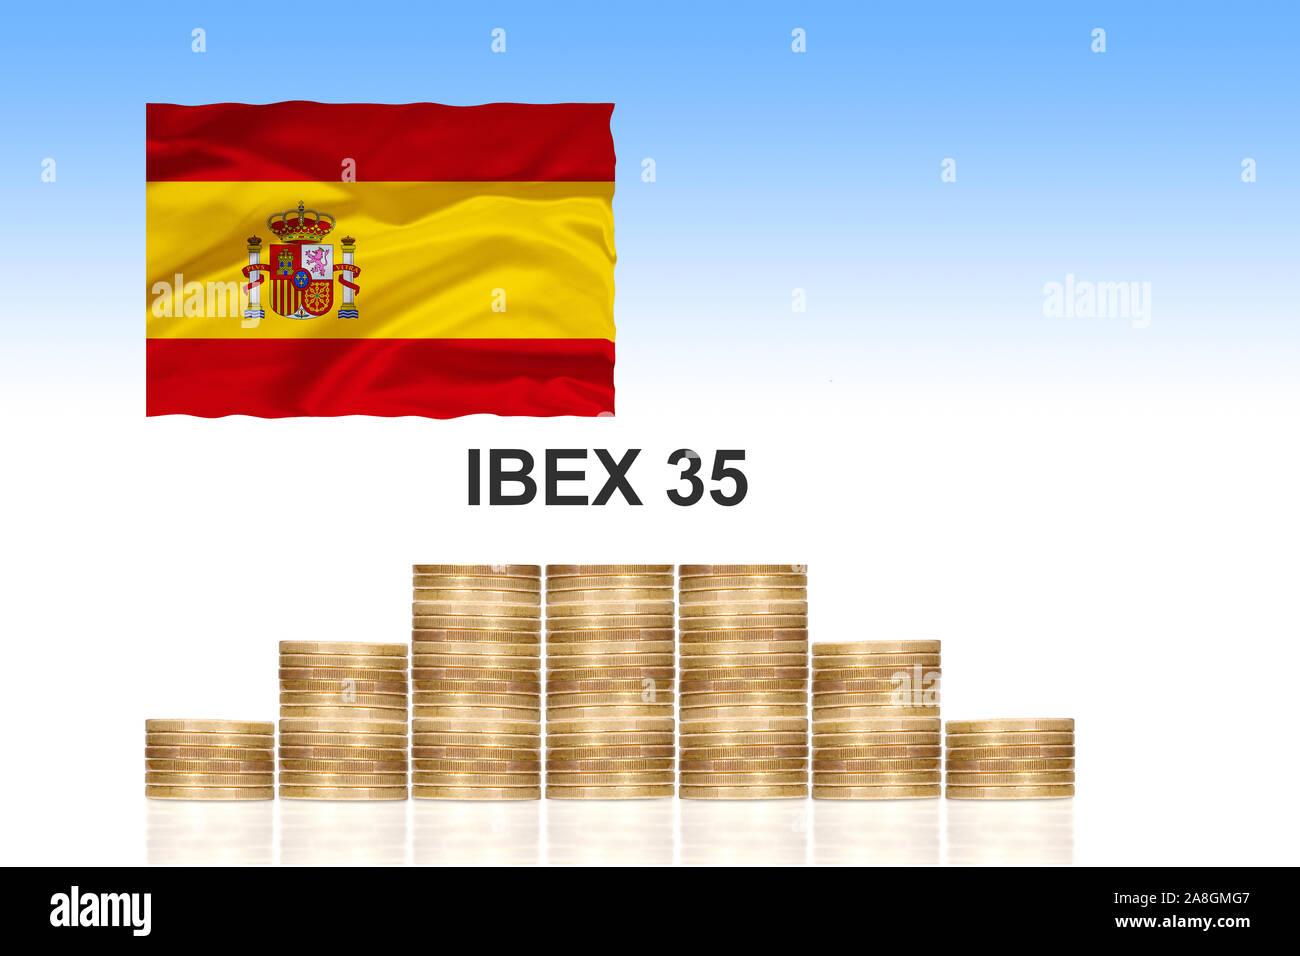 IBEX 35, Aktieninder der 35 grössten spanischen Unternehmen, Kursindex, Börse, Madrid, Spanien, Kapital, Marktkapitalisierung, Stock Photo